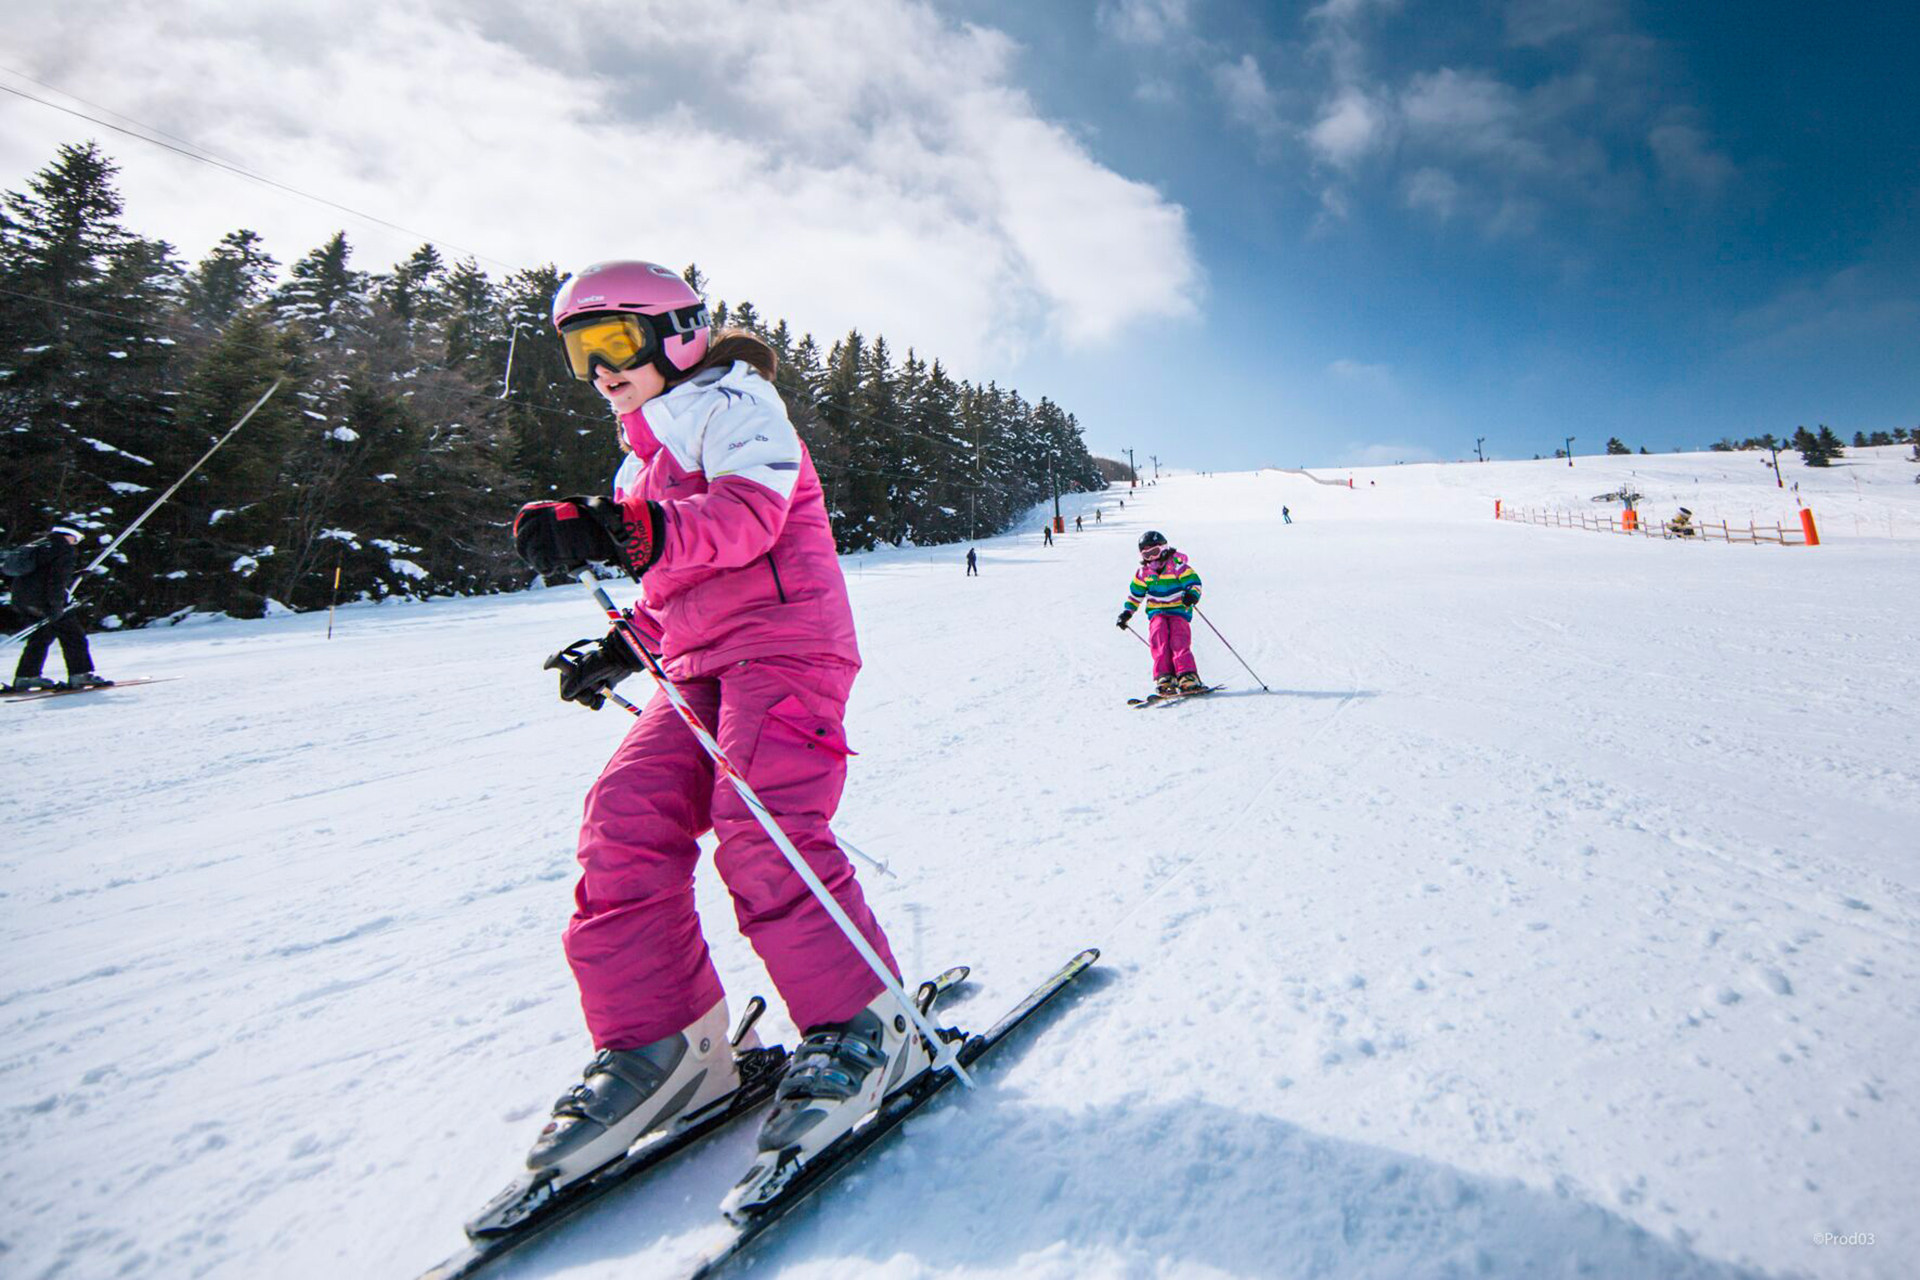 parc-activites-montagne-praboure-location-de-ski-banner